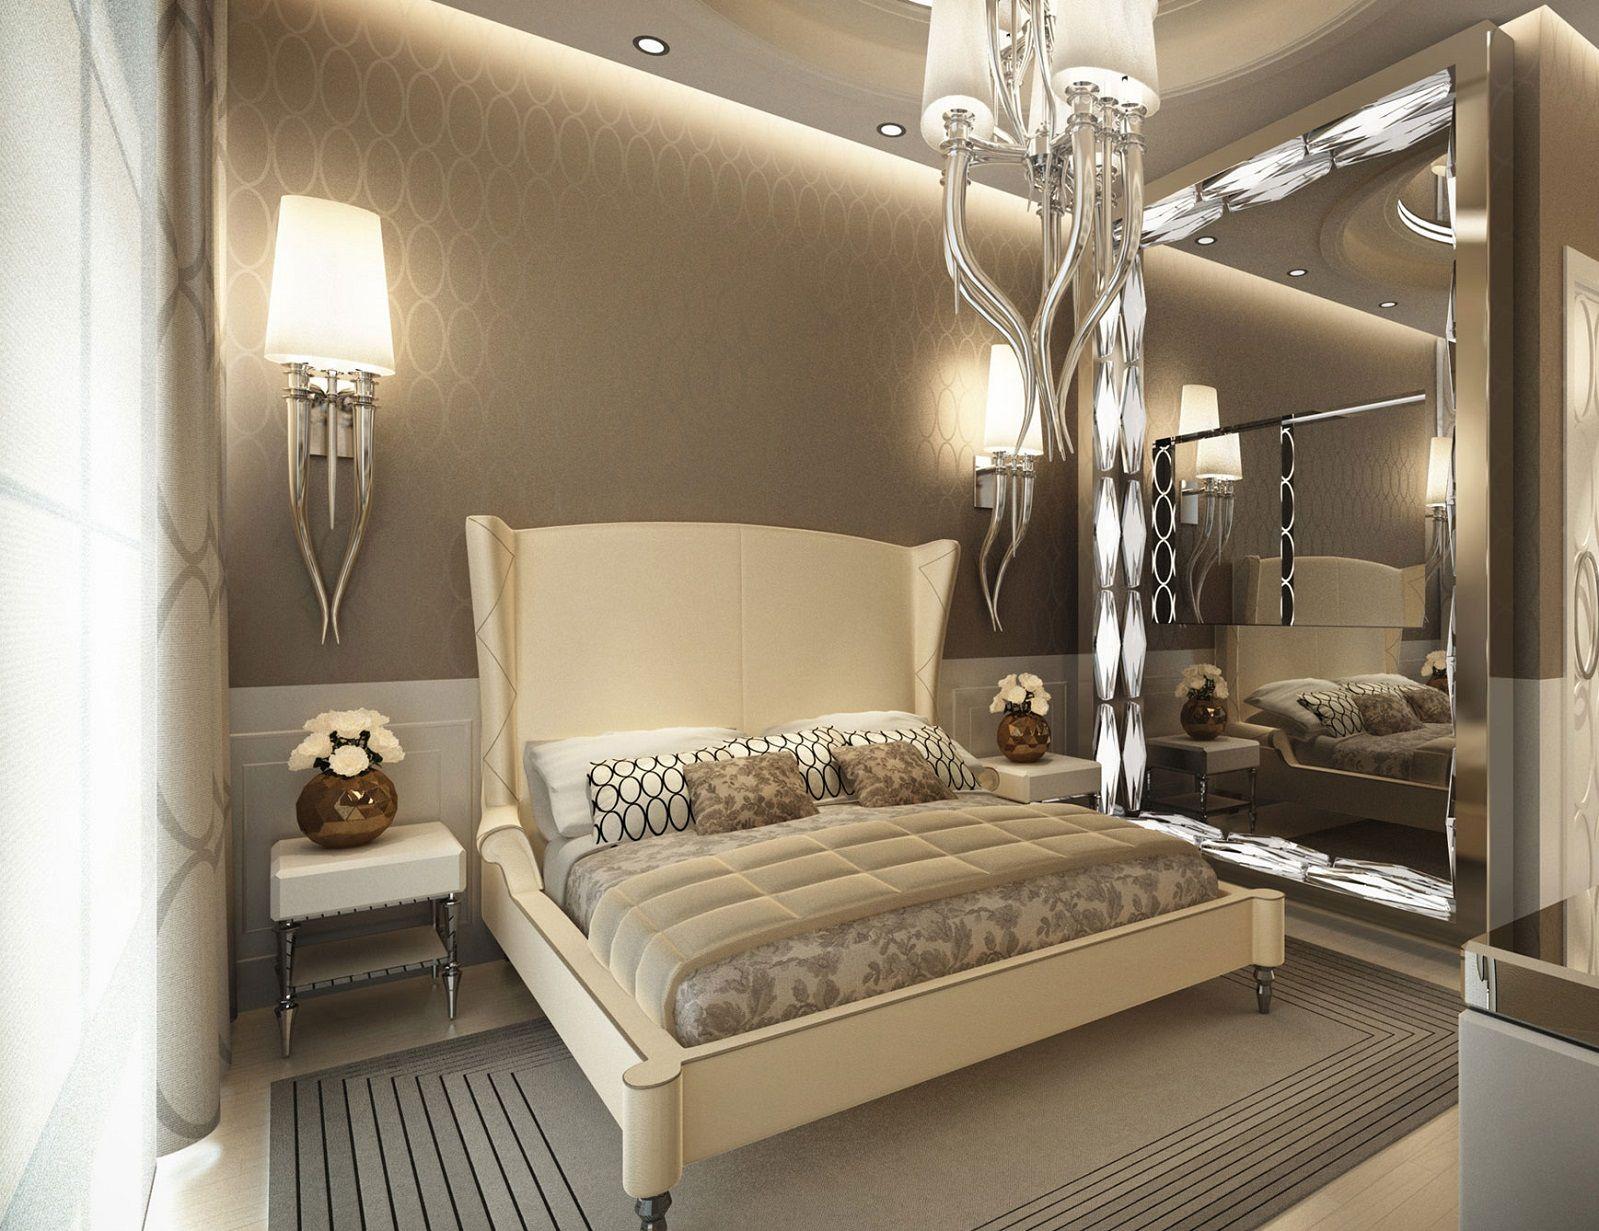 Online Bedroom Designer Full Length Lighted Mirror  Dressing Room  Home  Mirrors